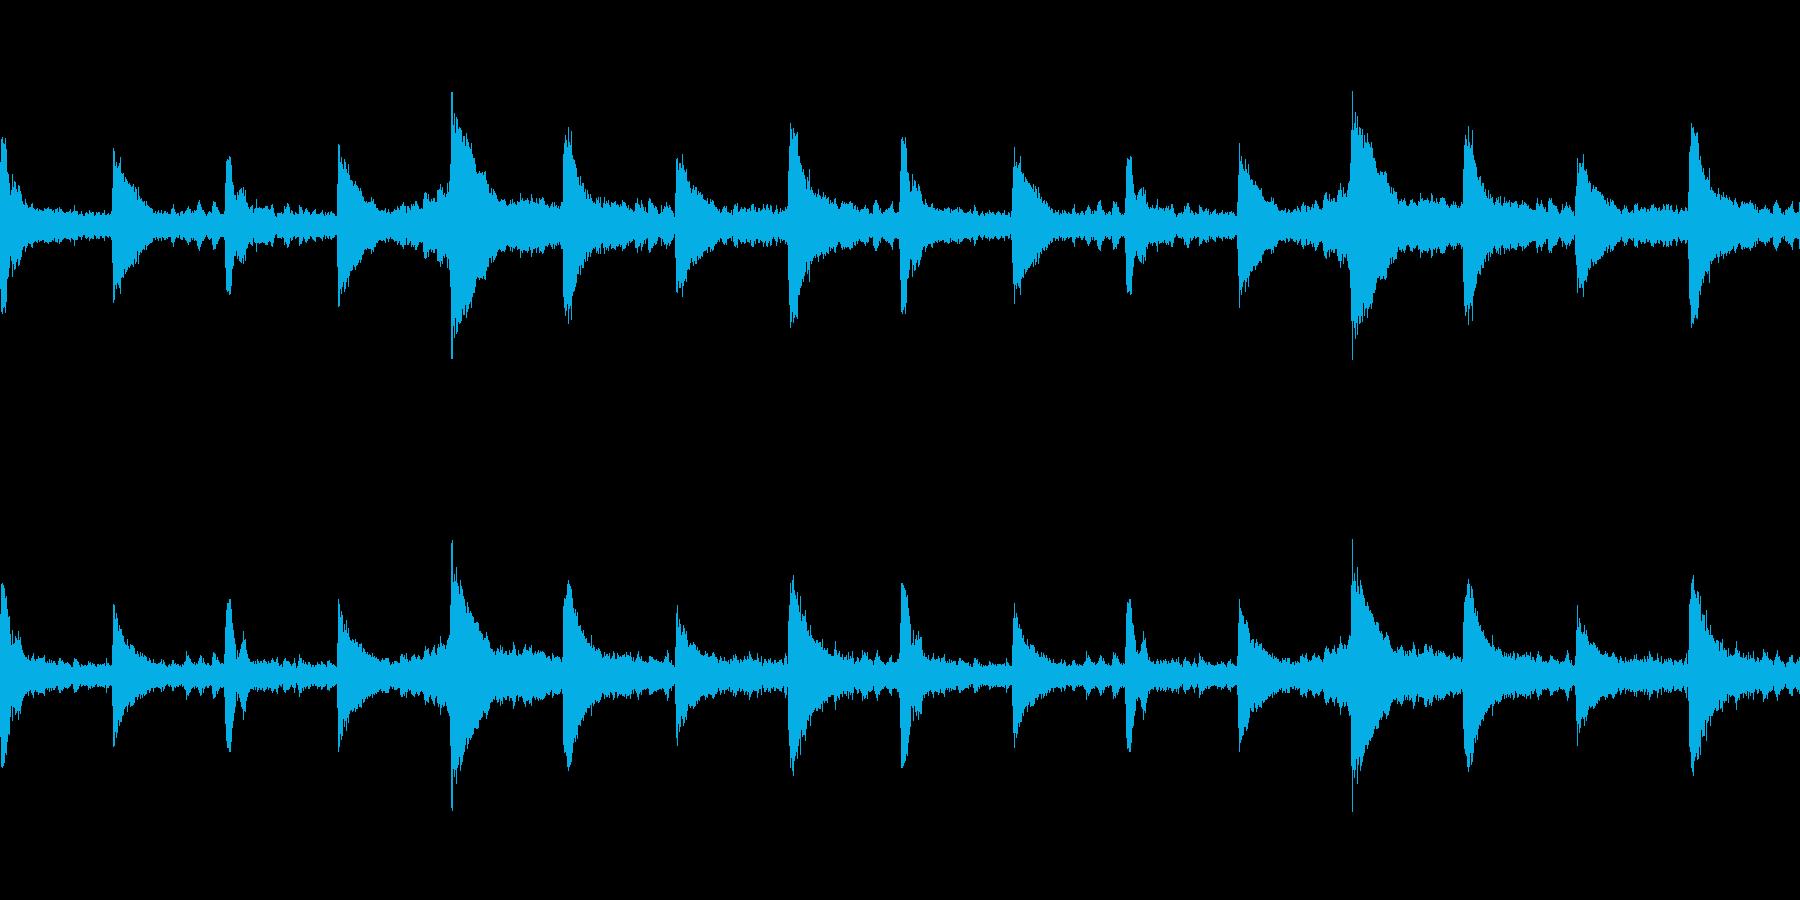 魔法のような風変わりなチャームを備...の再生済みの波形